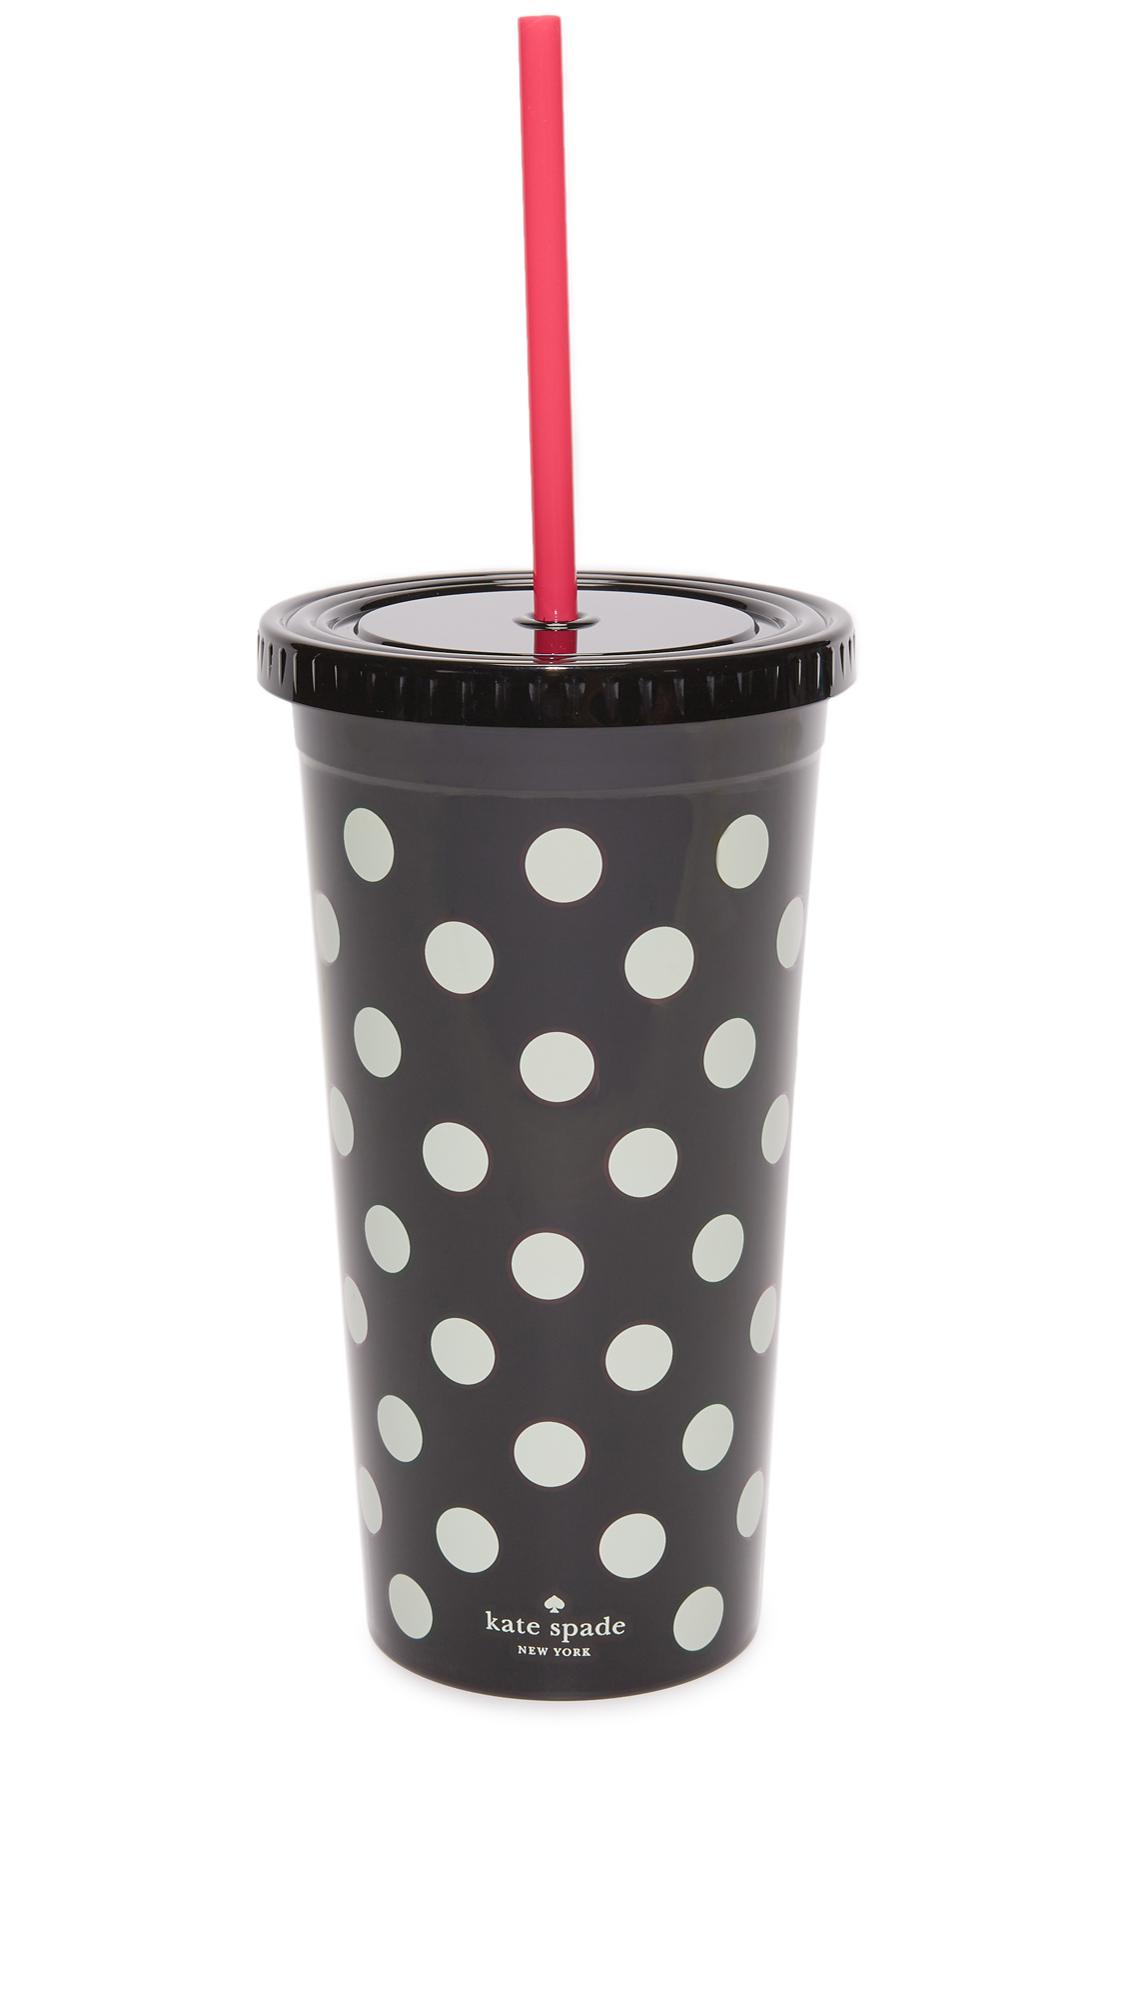 Kate Spade New York Le Pavillion Dots Tumbler - Black Dots